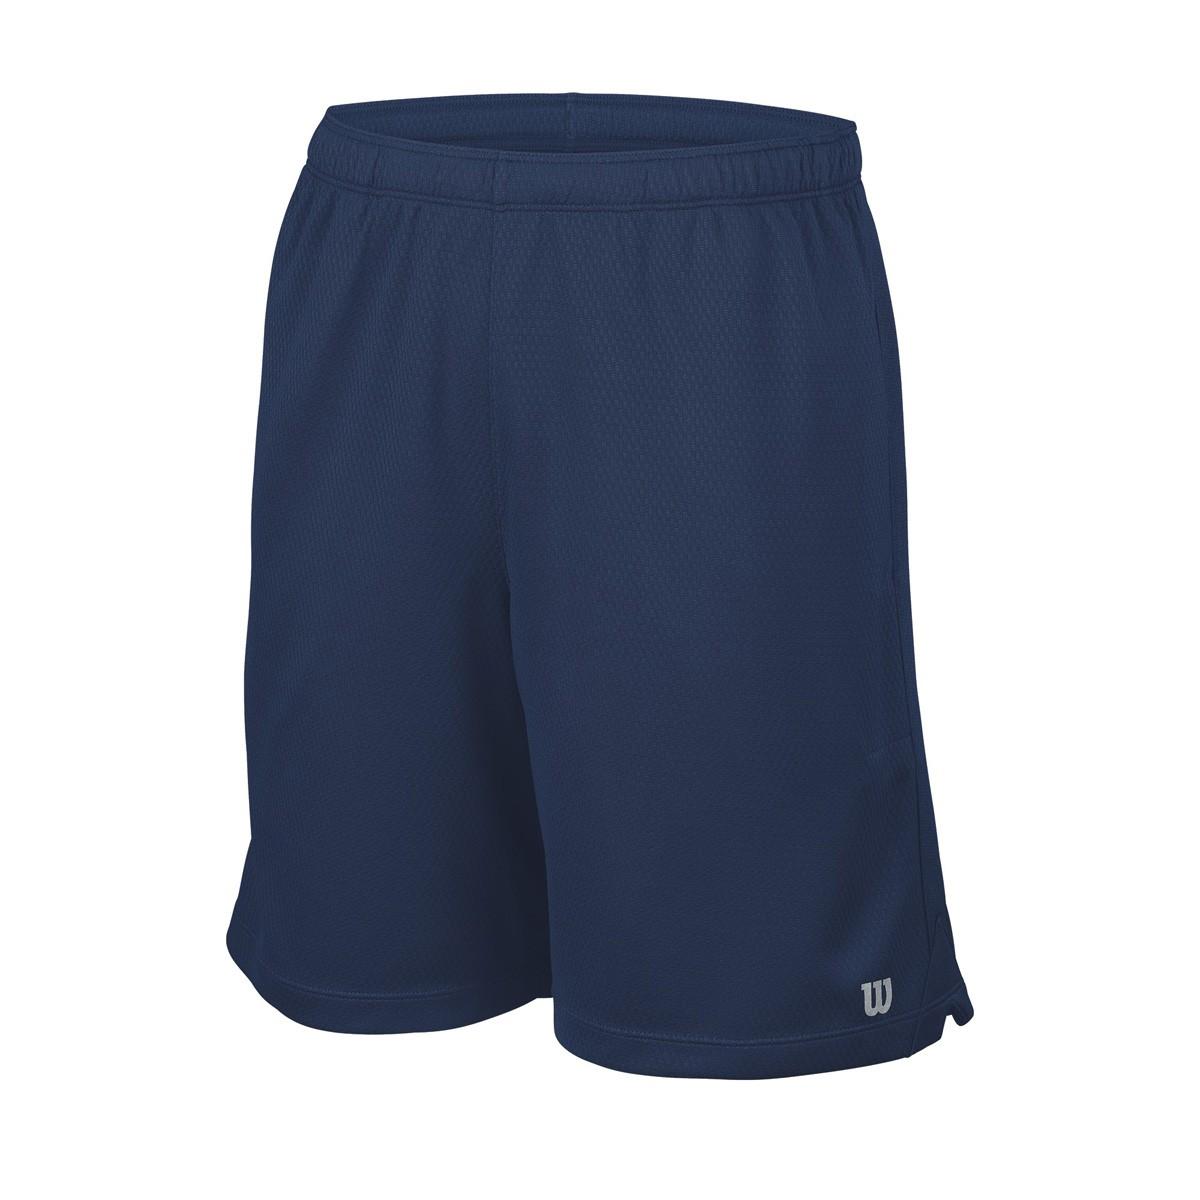 Spodenki tenisowe juniorskie Wilson Core Knit Short - wyprzedaż!